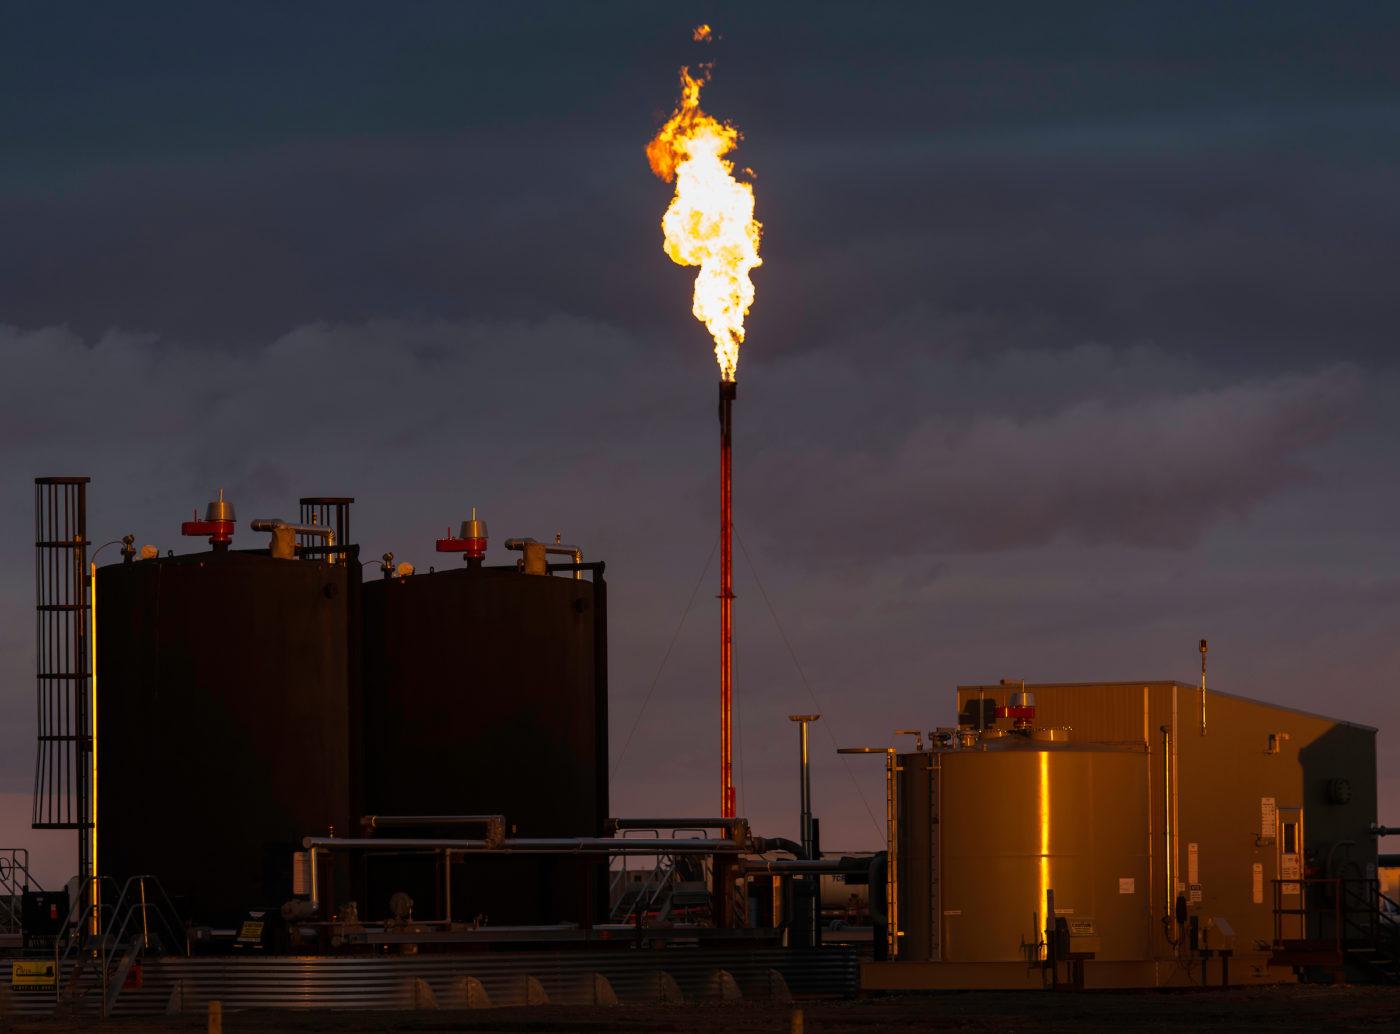 Flaring B.C. fracking LNG methane emissions